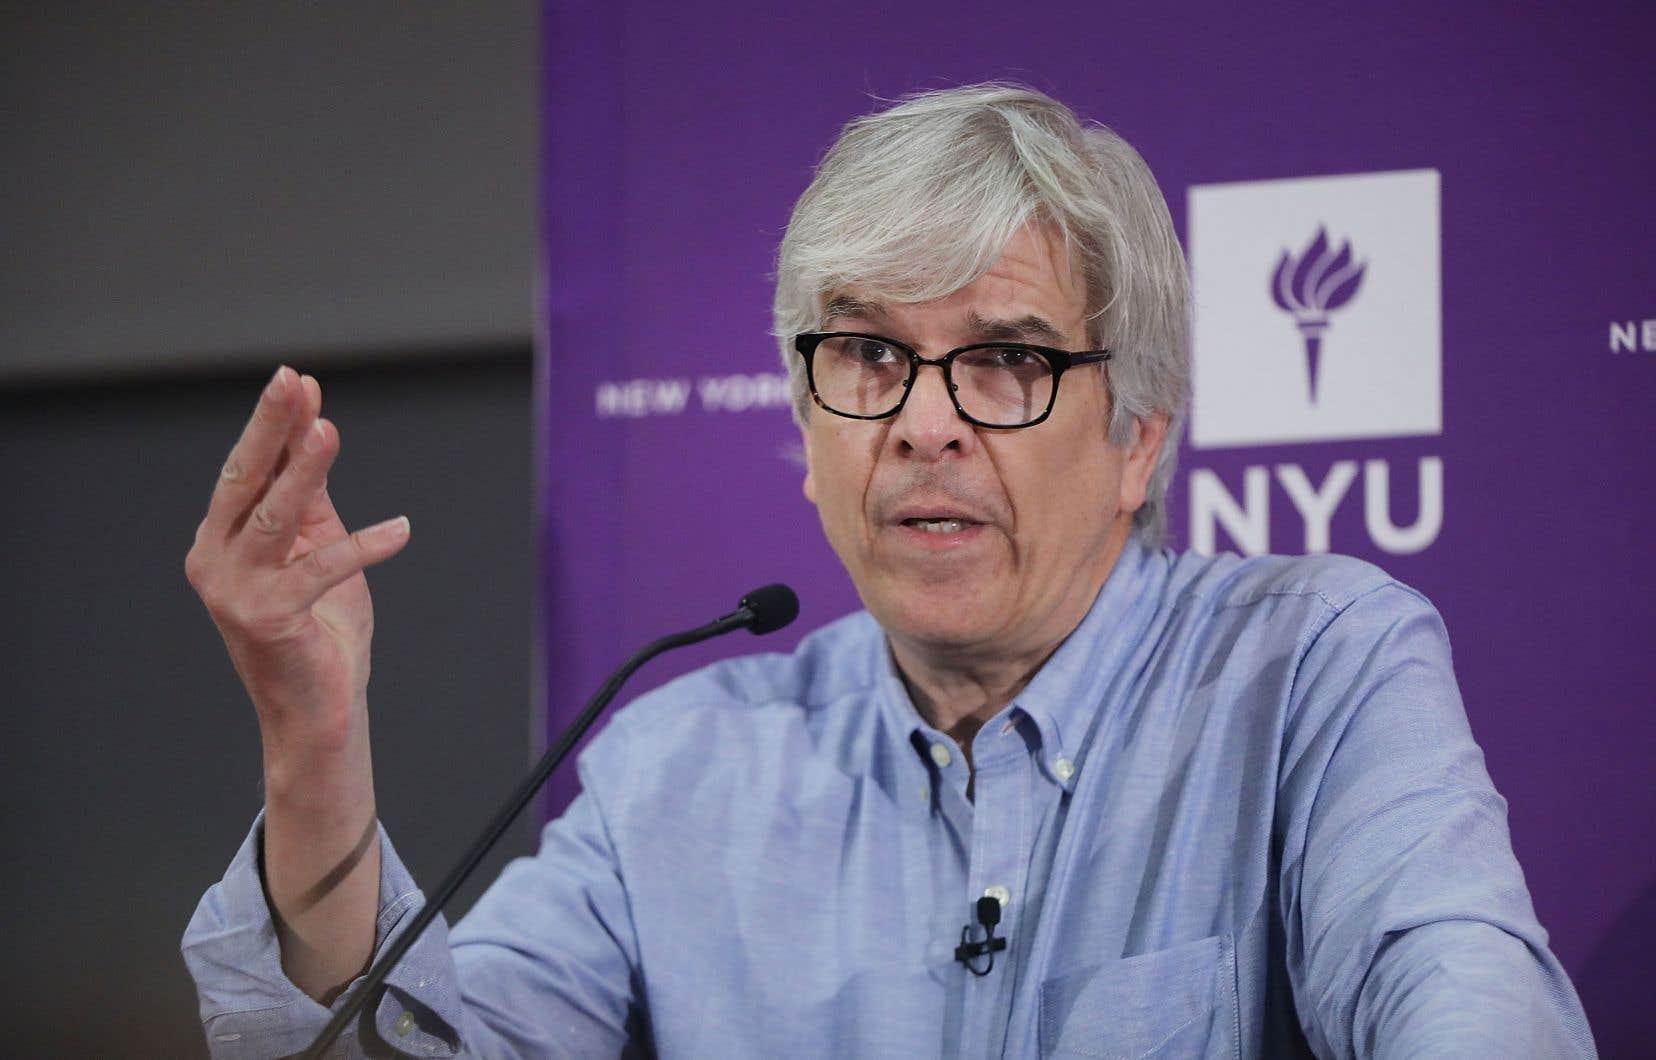 «Vous avez droit à votre propre opinion, mais pas à vos propres faits», souligne l'économiste Paul Romer.